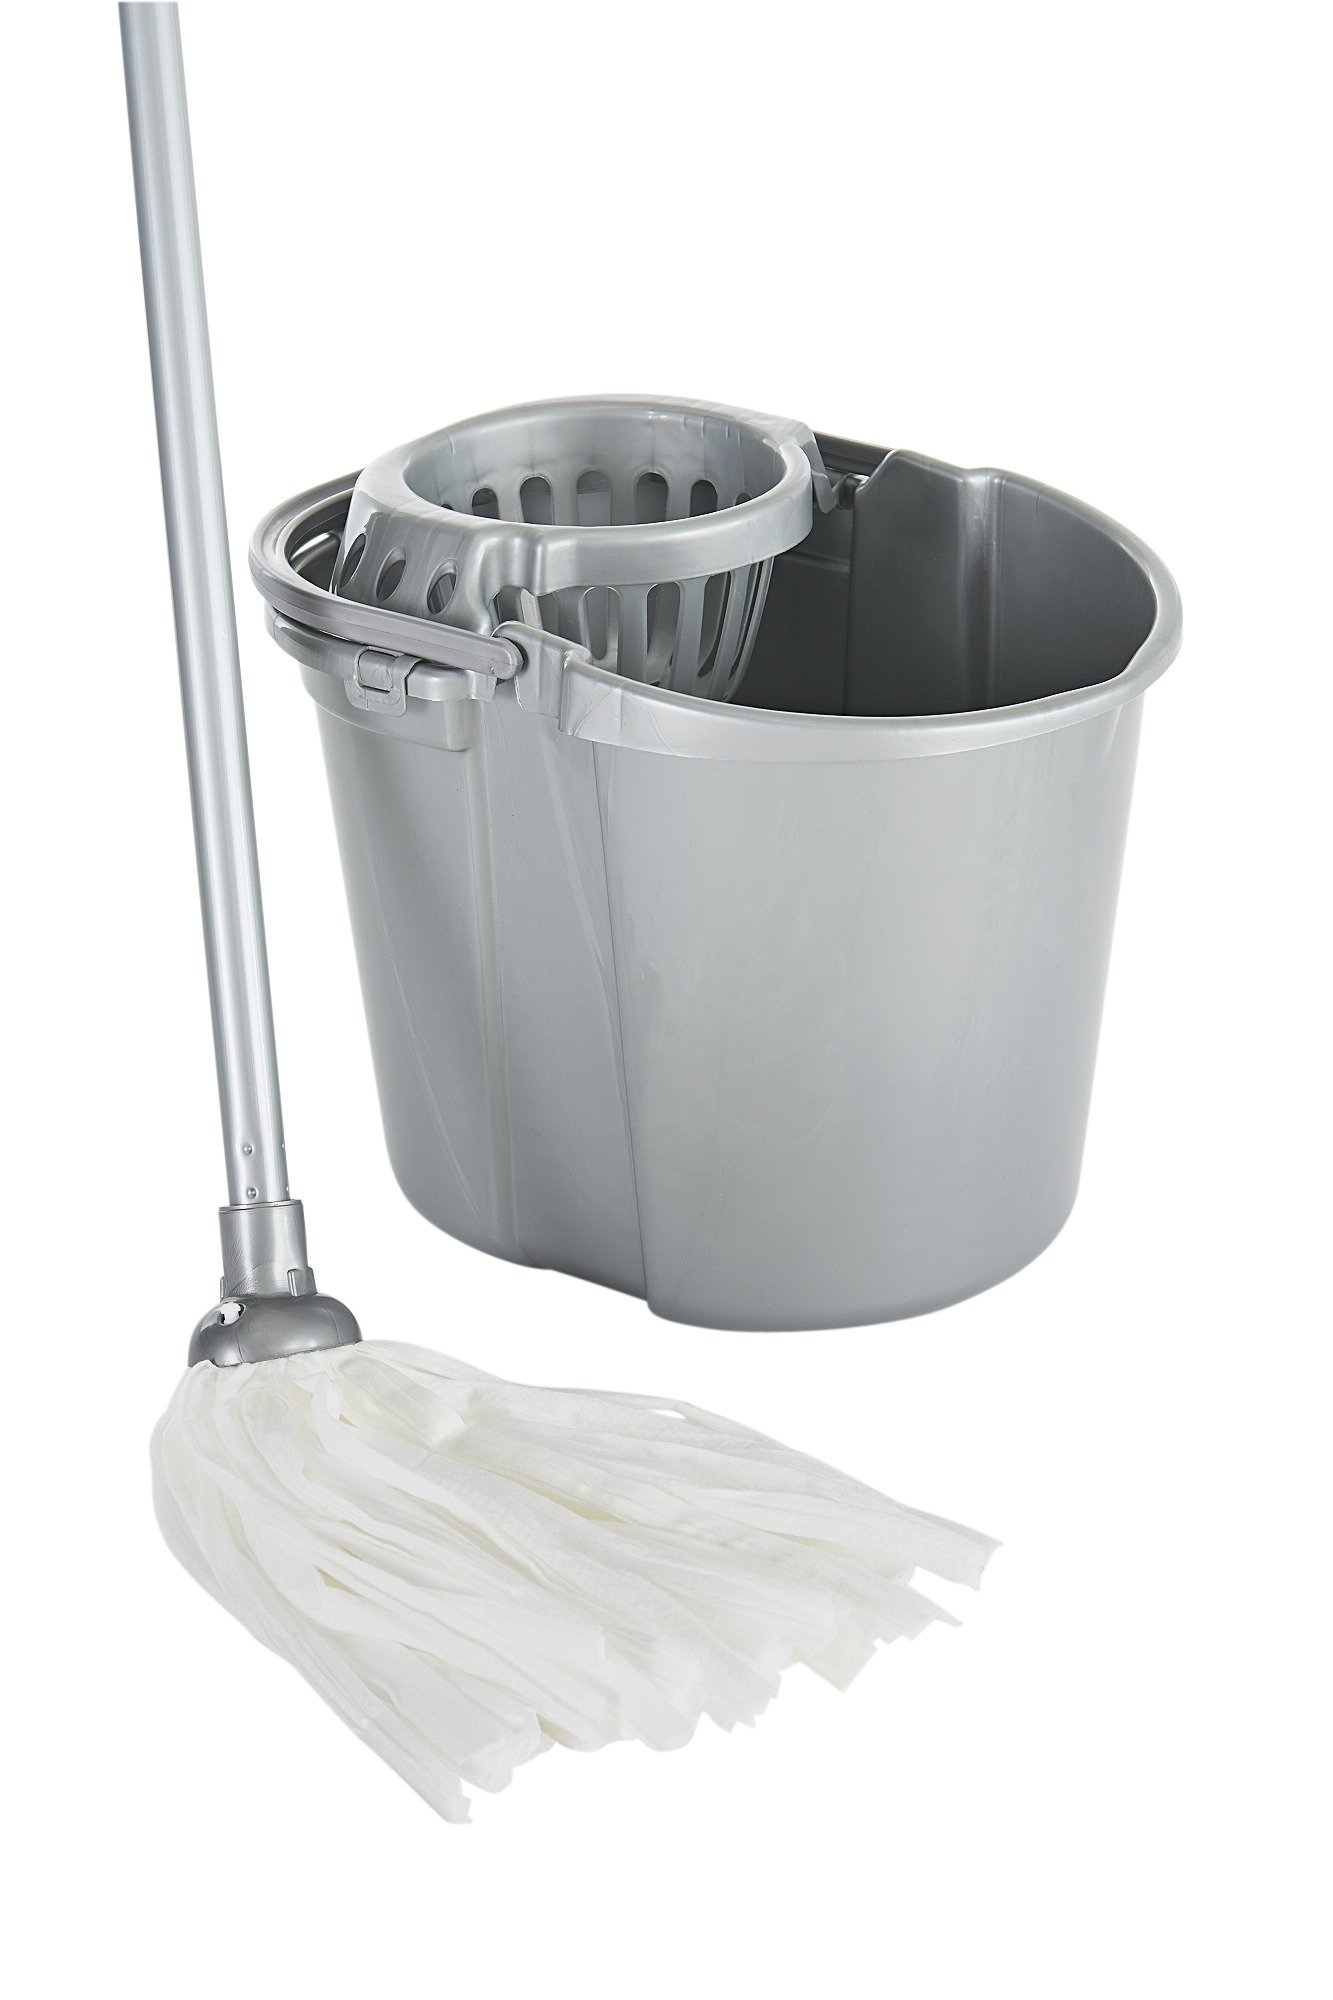 Image of Bentley - 13 Litre - Mop and Bucket Set